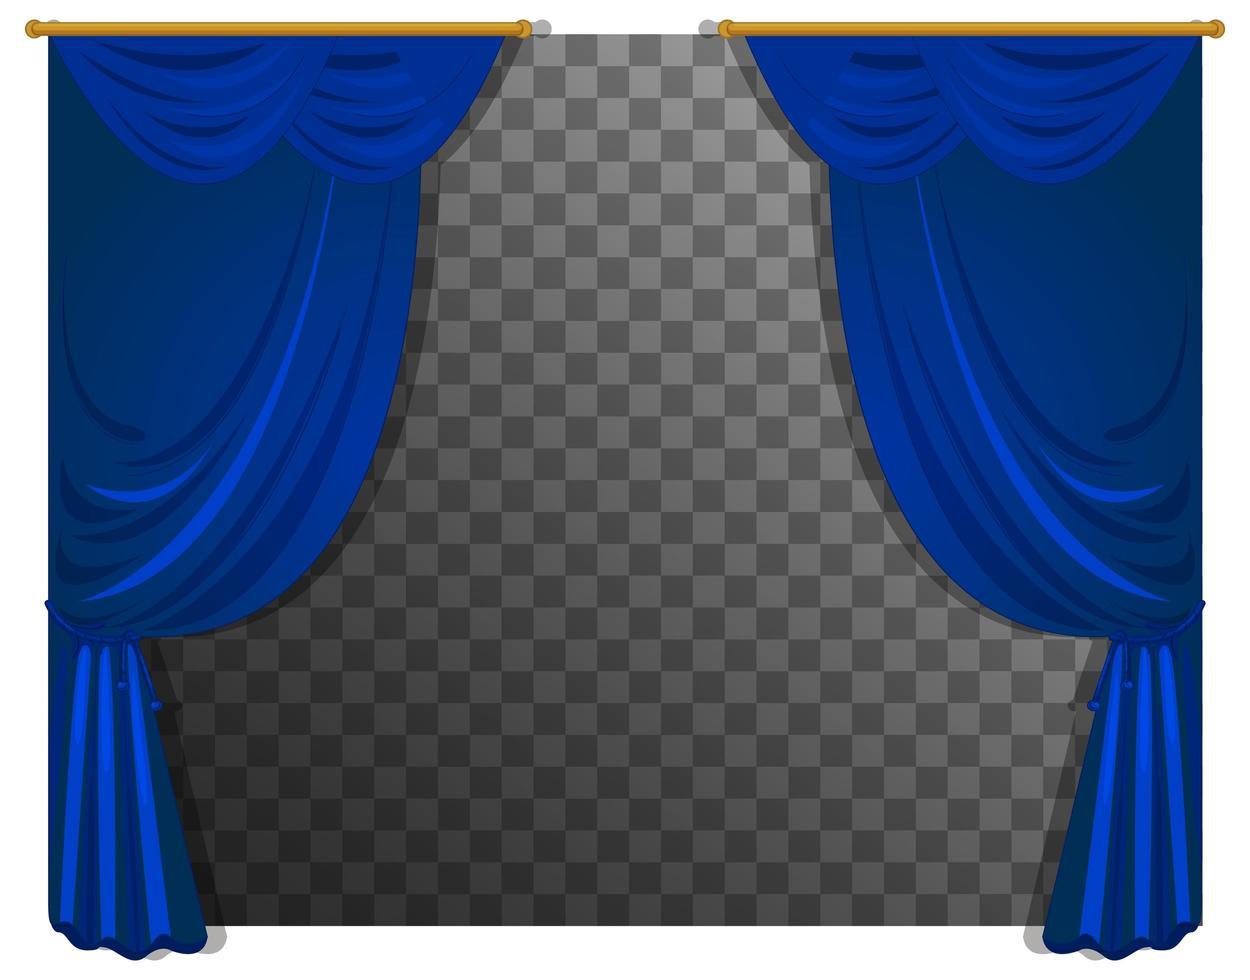 rideaux bleus isolés vecteur